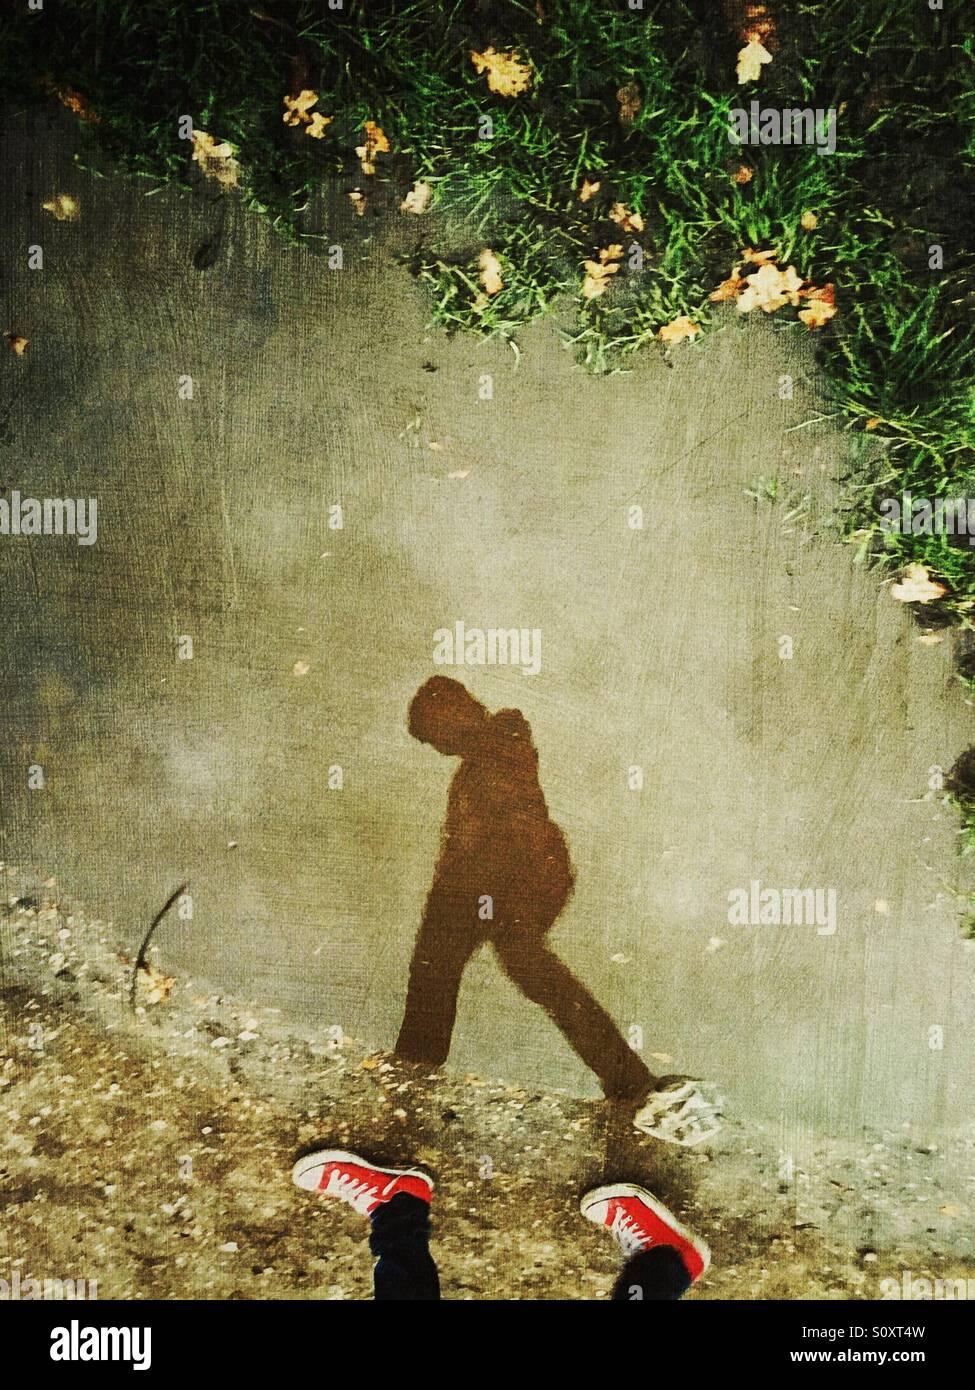 Silhouette garçon marche avec converse rouge Photo Stock